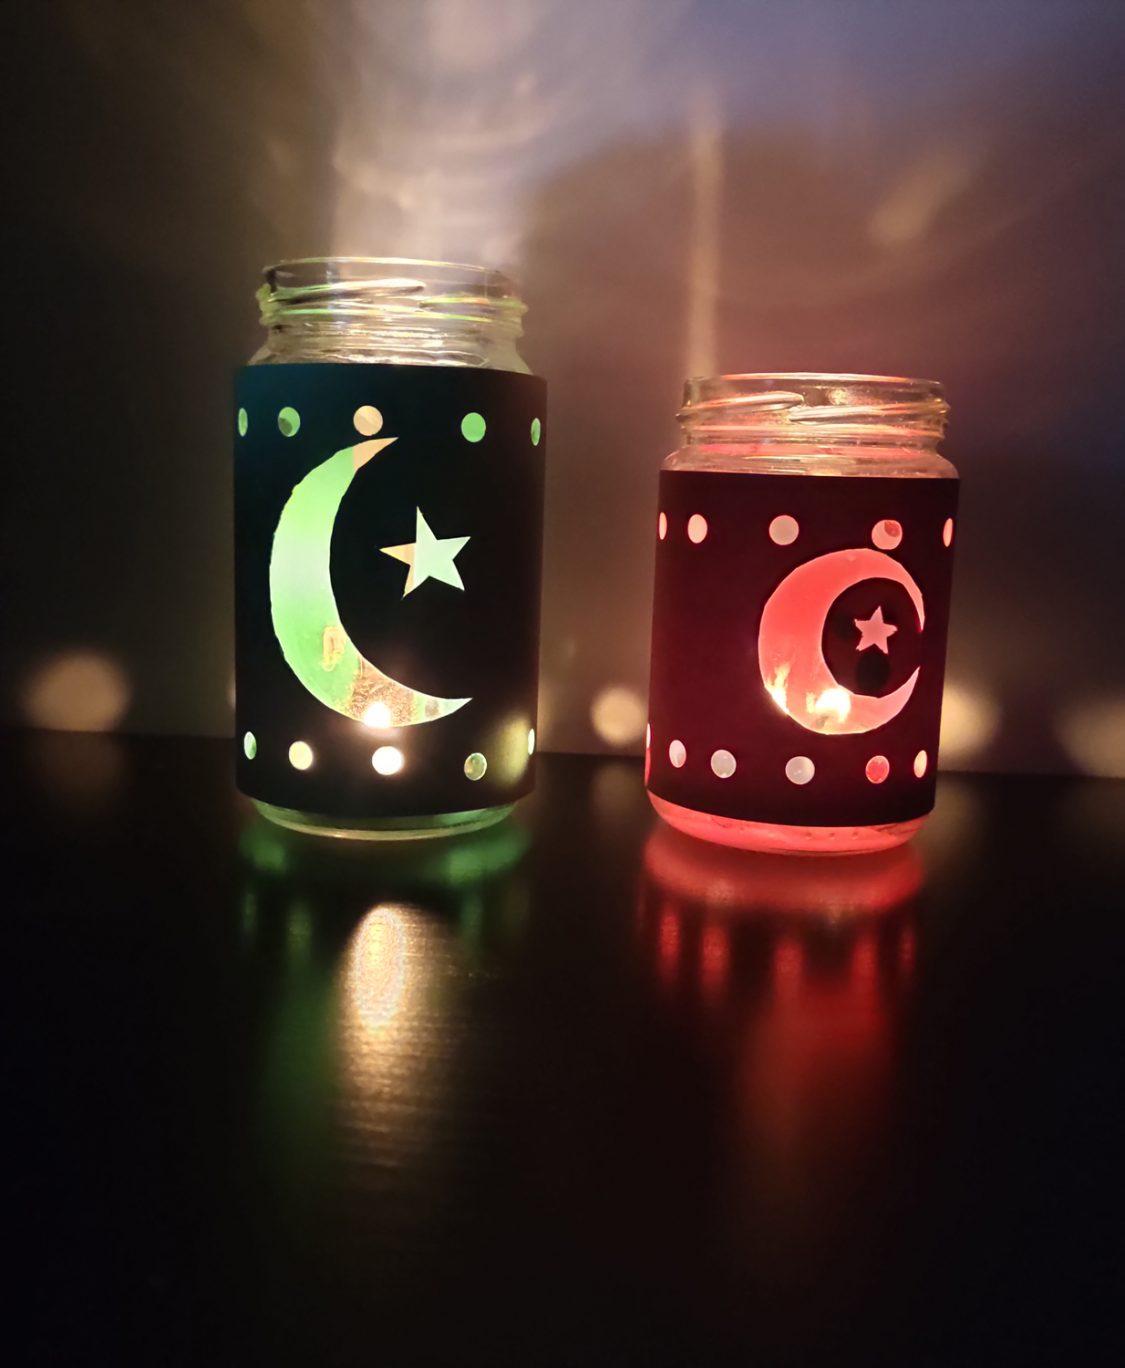 Monday Makes: Make your own Eid lanterns